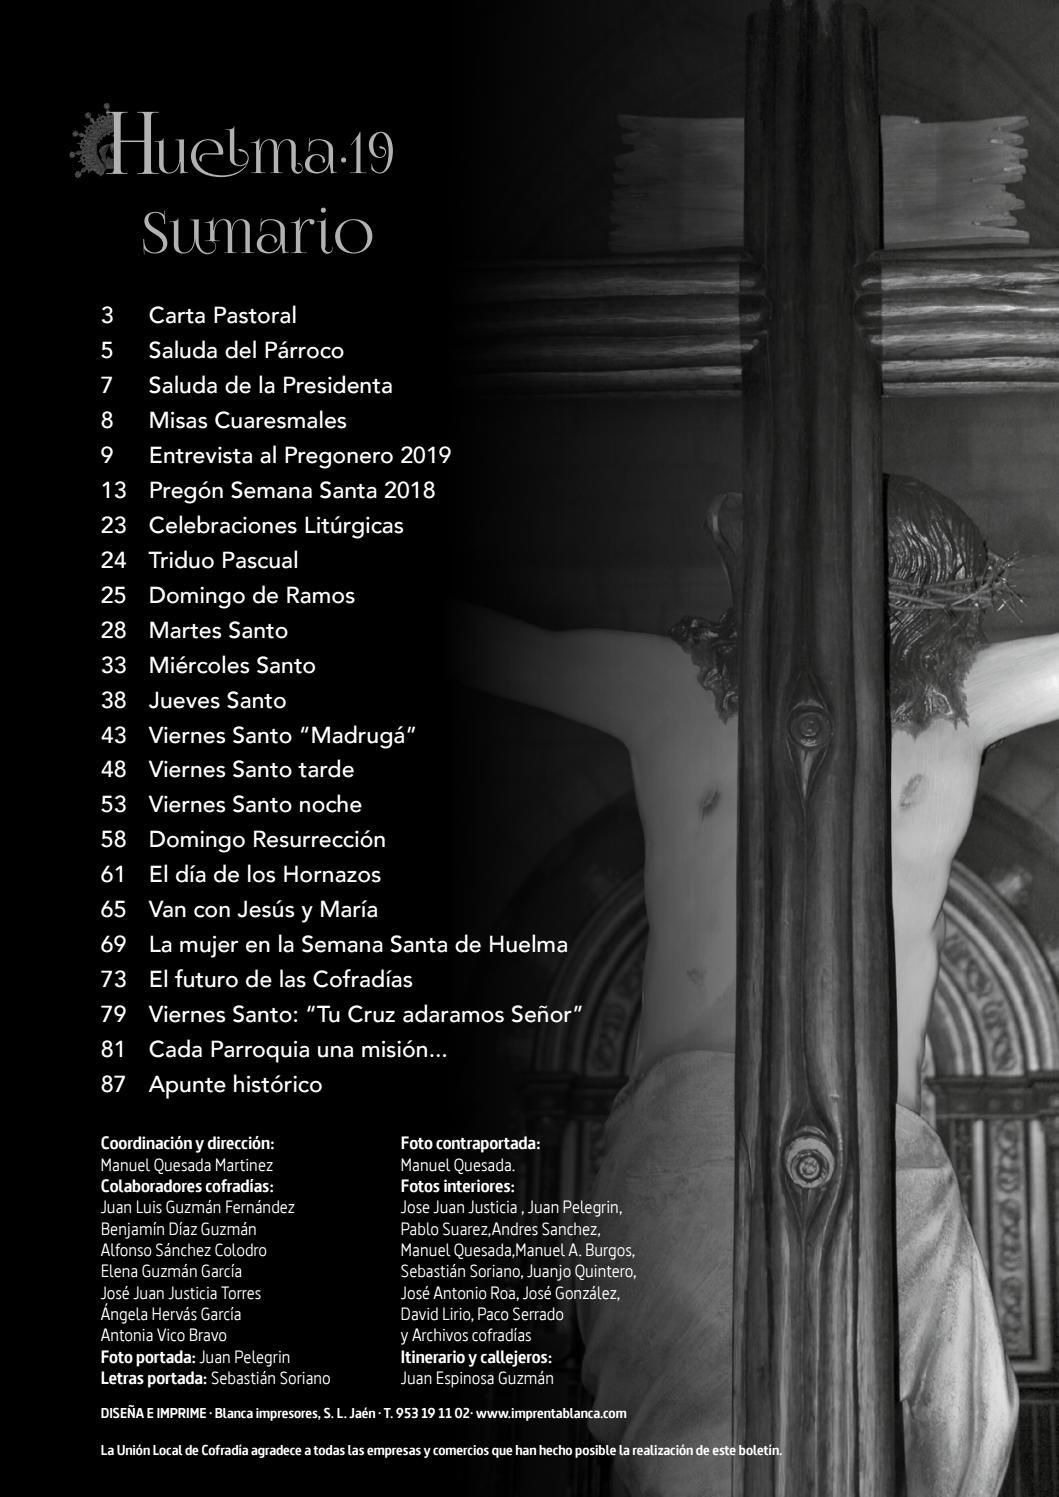 PROGRAMA DE LA SEMANA SANTA HUELMA 2019 by cijhuelmajoven